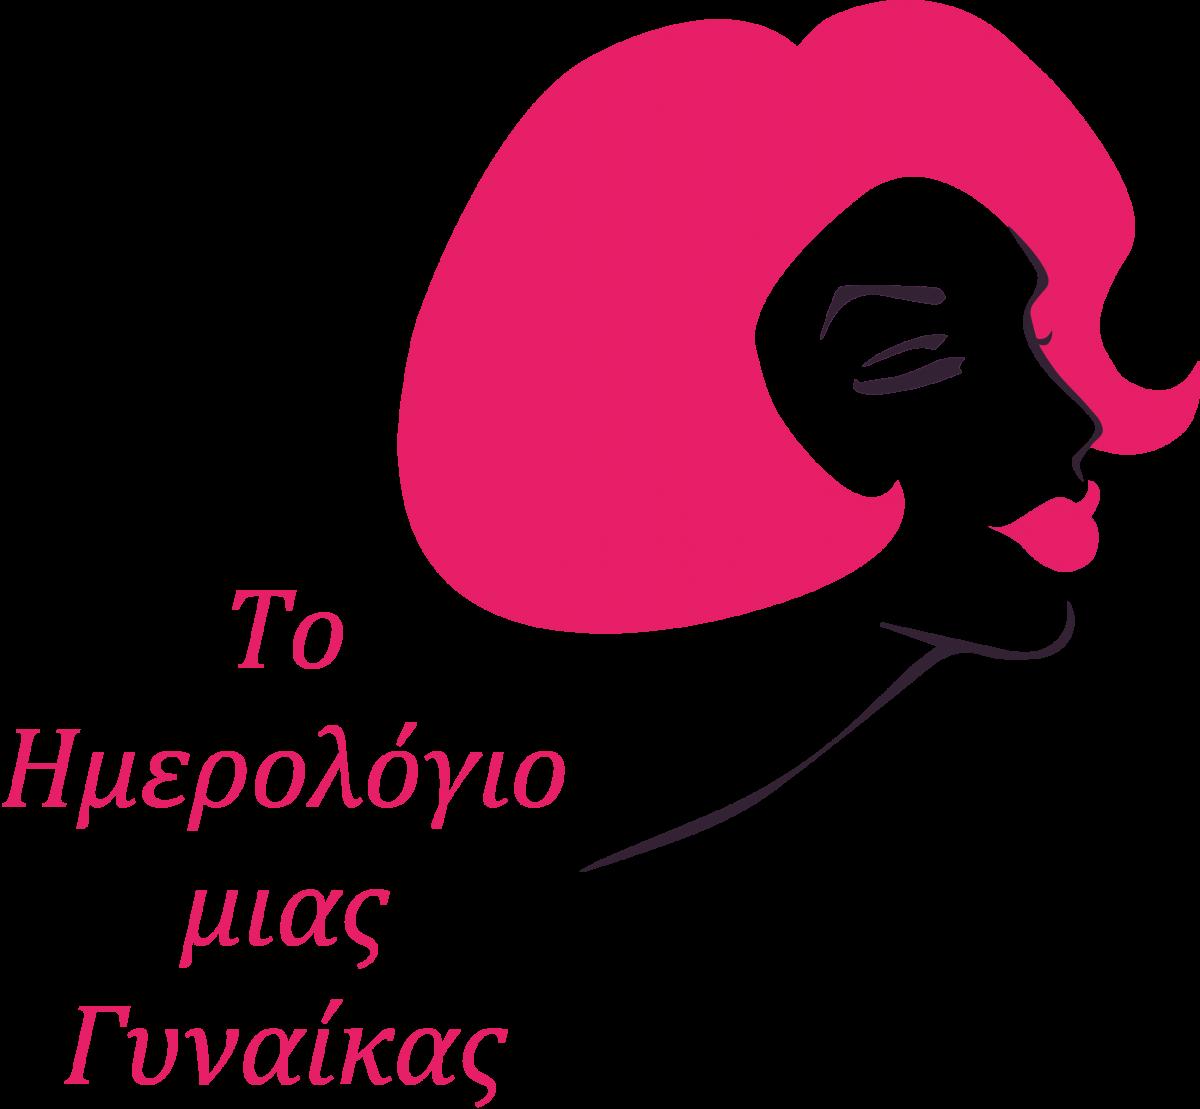 Το Ημερολόγιο μιας Γυναίκας